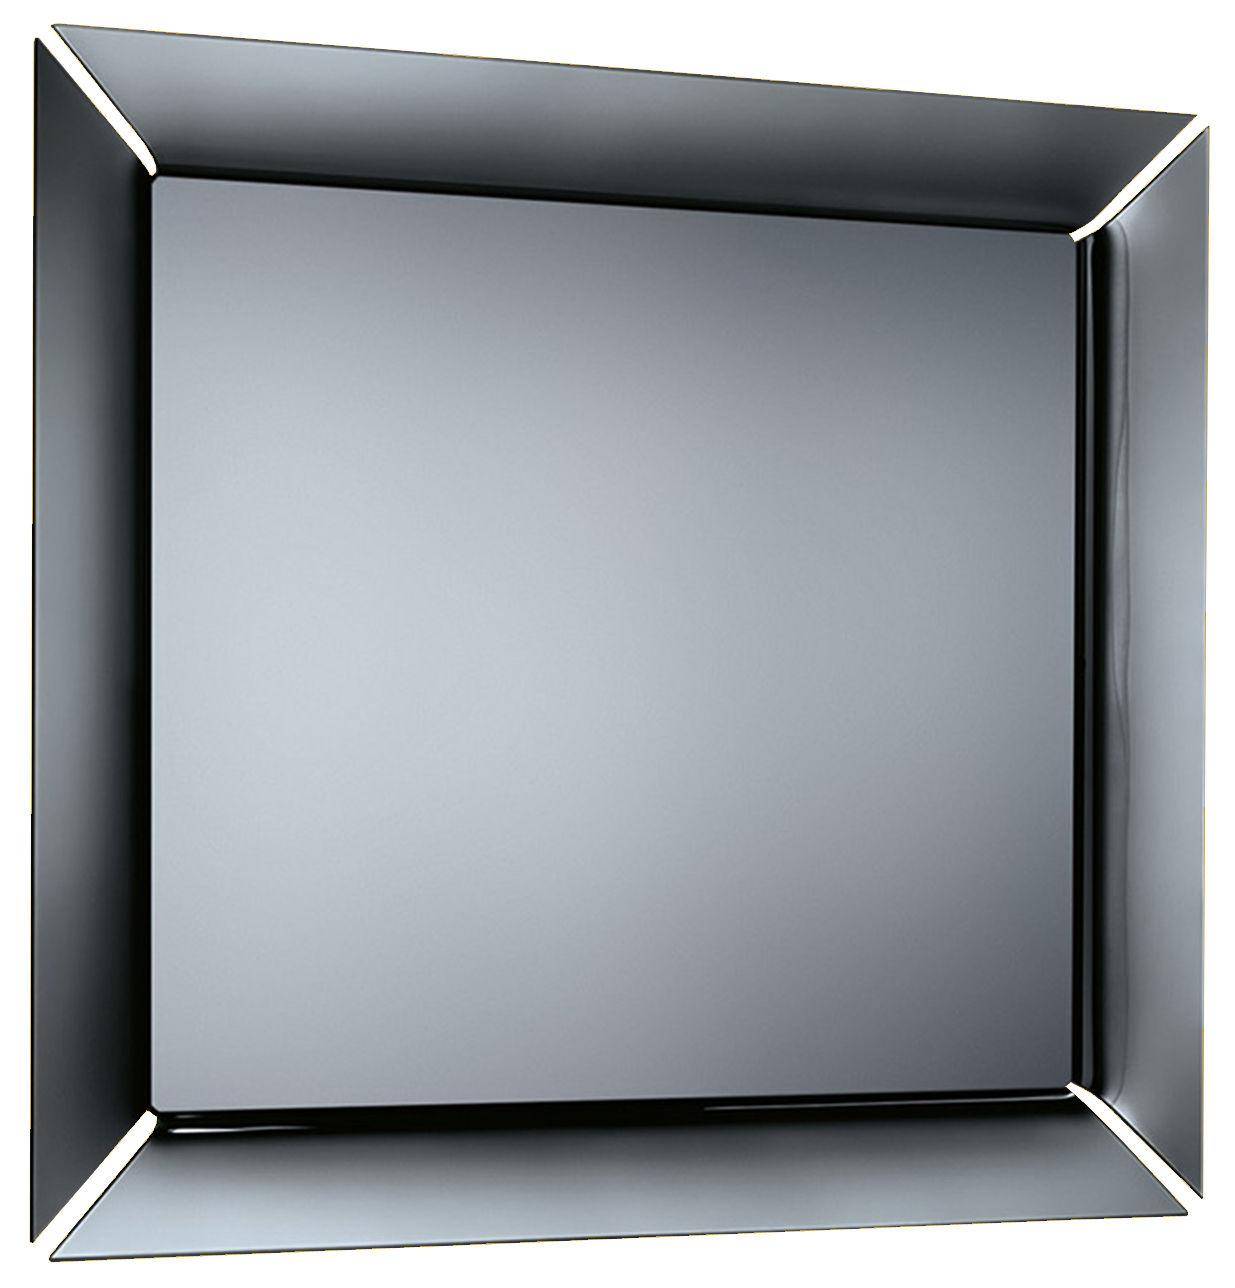 Accessori moda - High-tech  - Specchio murale Caadre TV - / Televisore - Schermo LCD 42 pollici Sony integrato - 155 x 140 cm di FIAM - Cornice: titanio & nero - Vetro